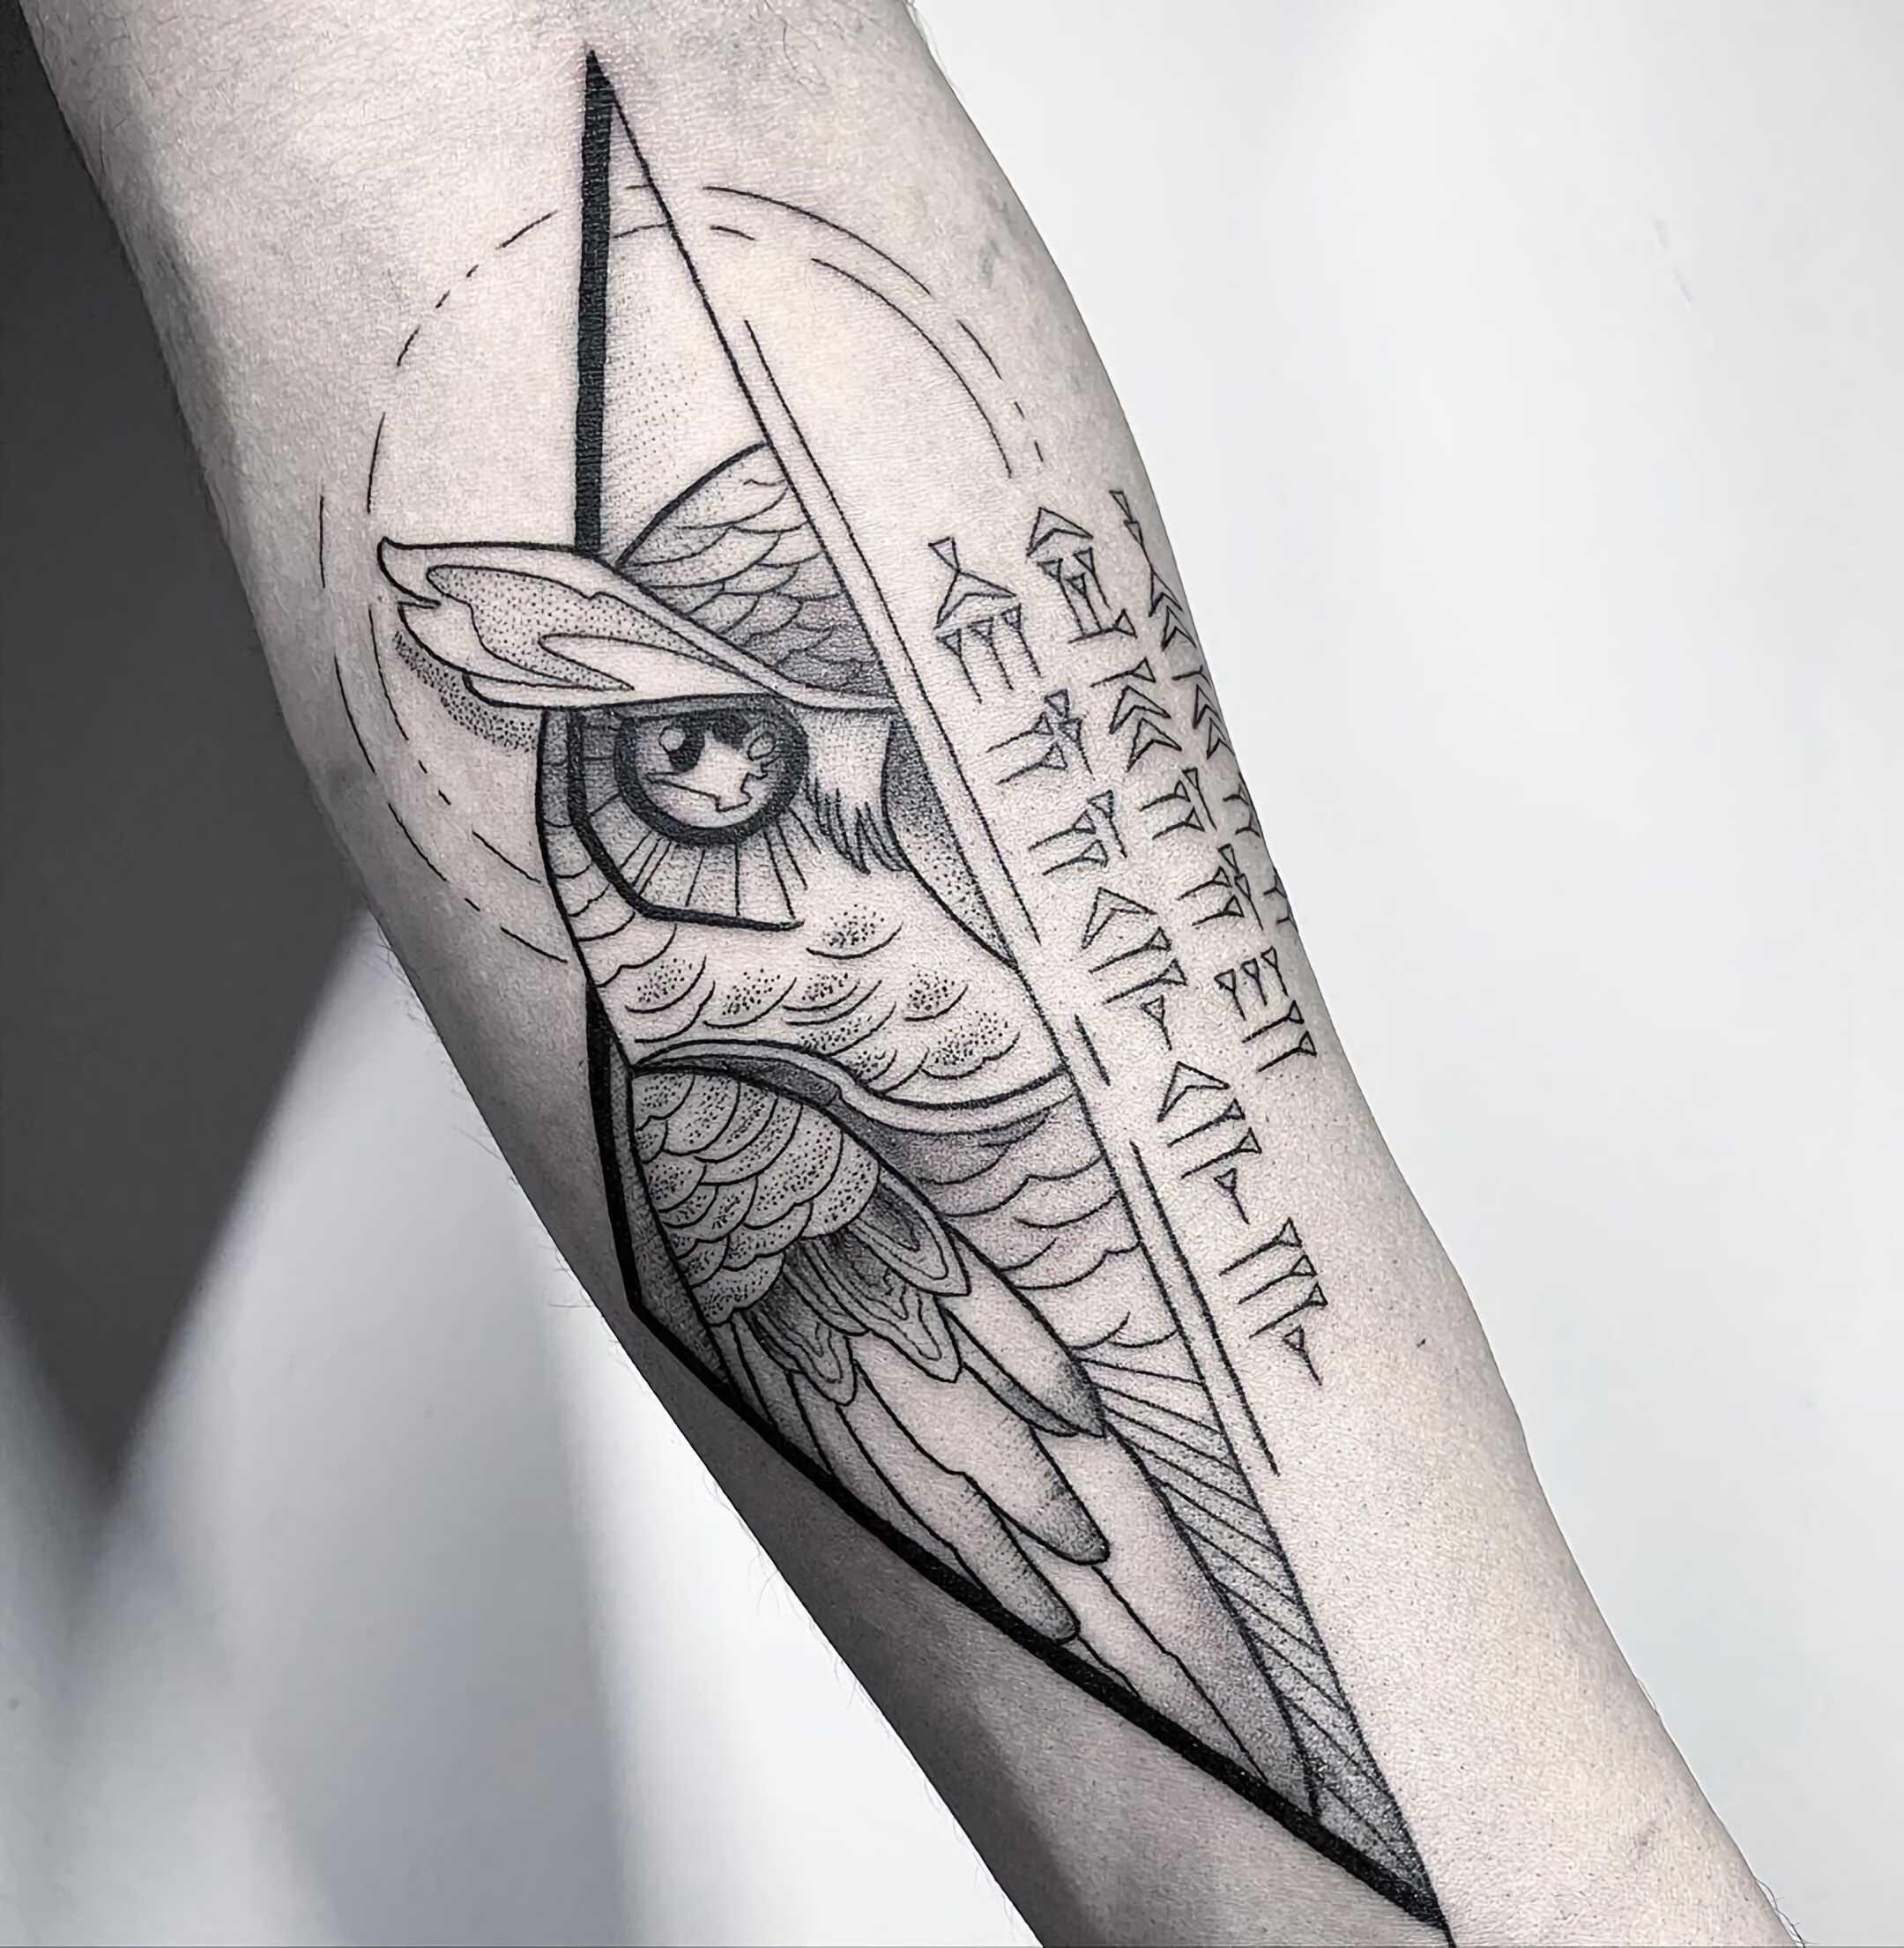 тату совы на руке в геометрическом стиле